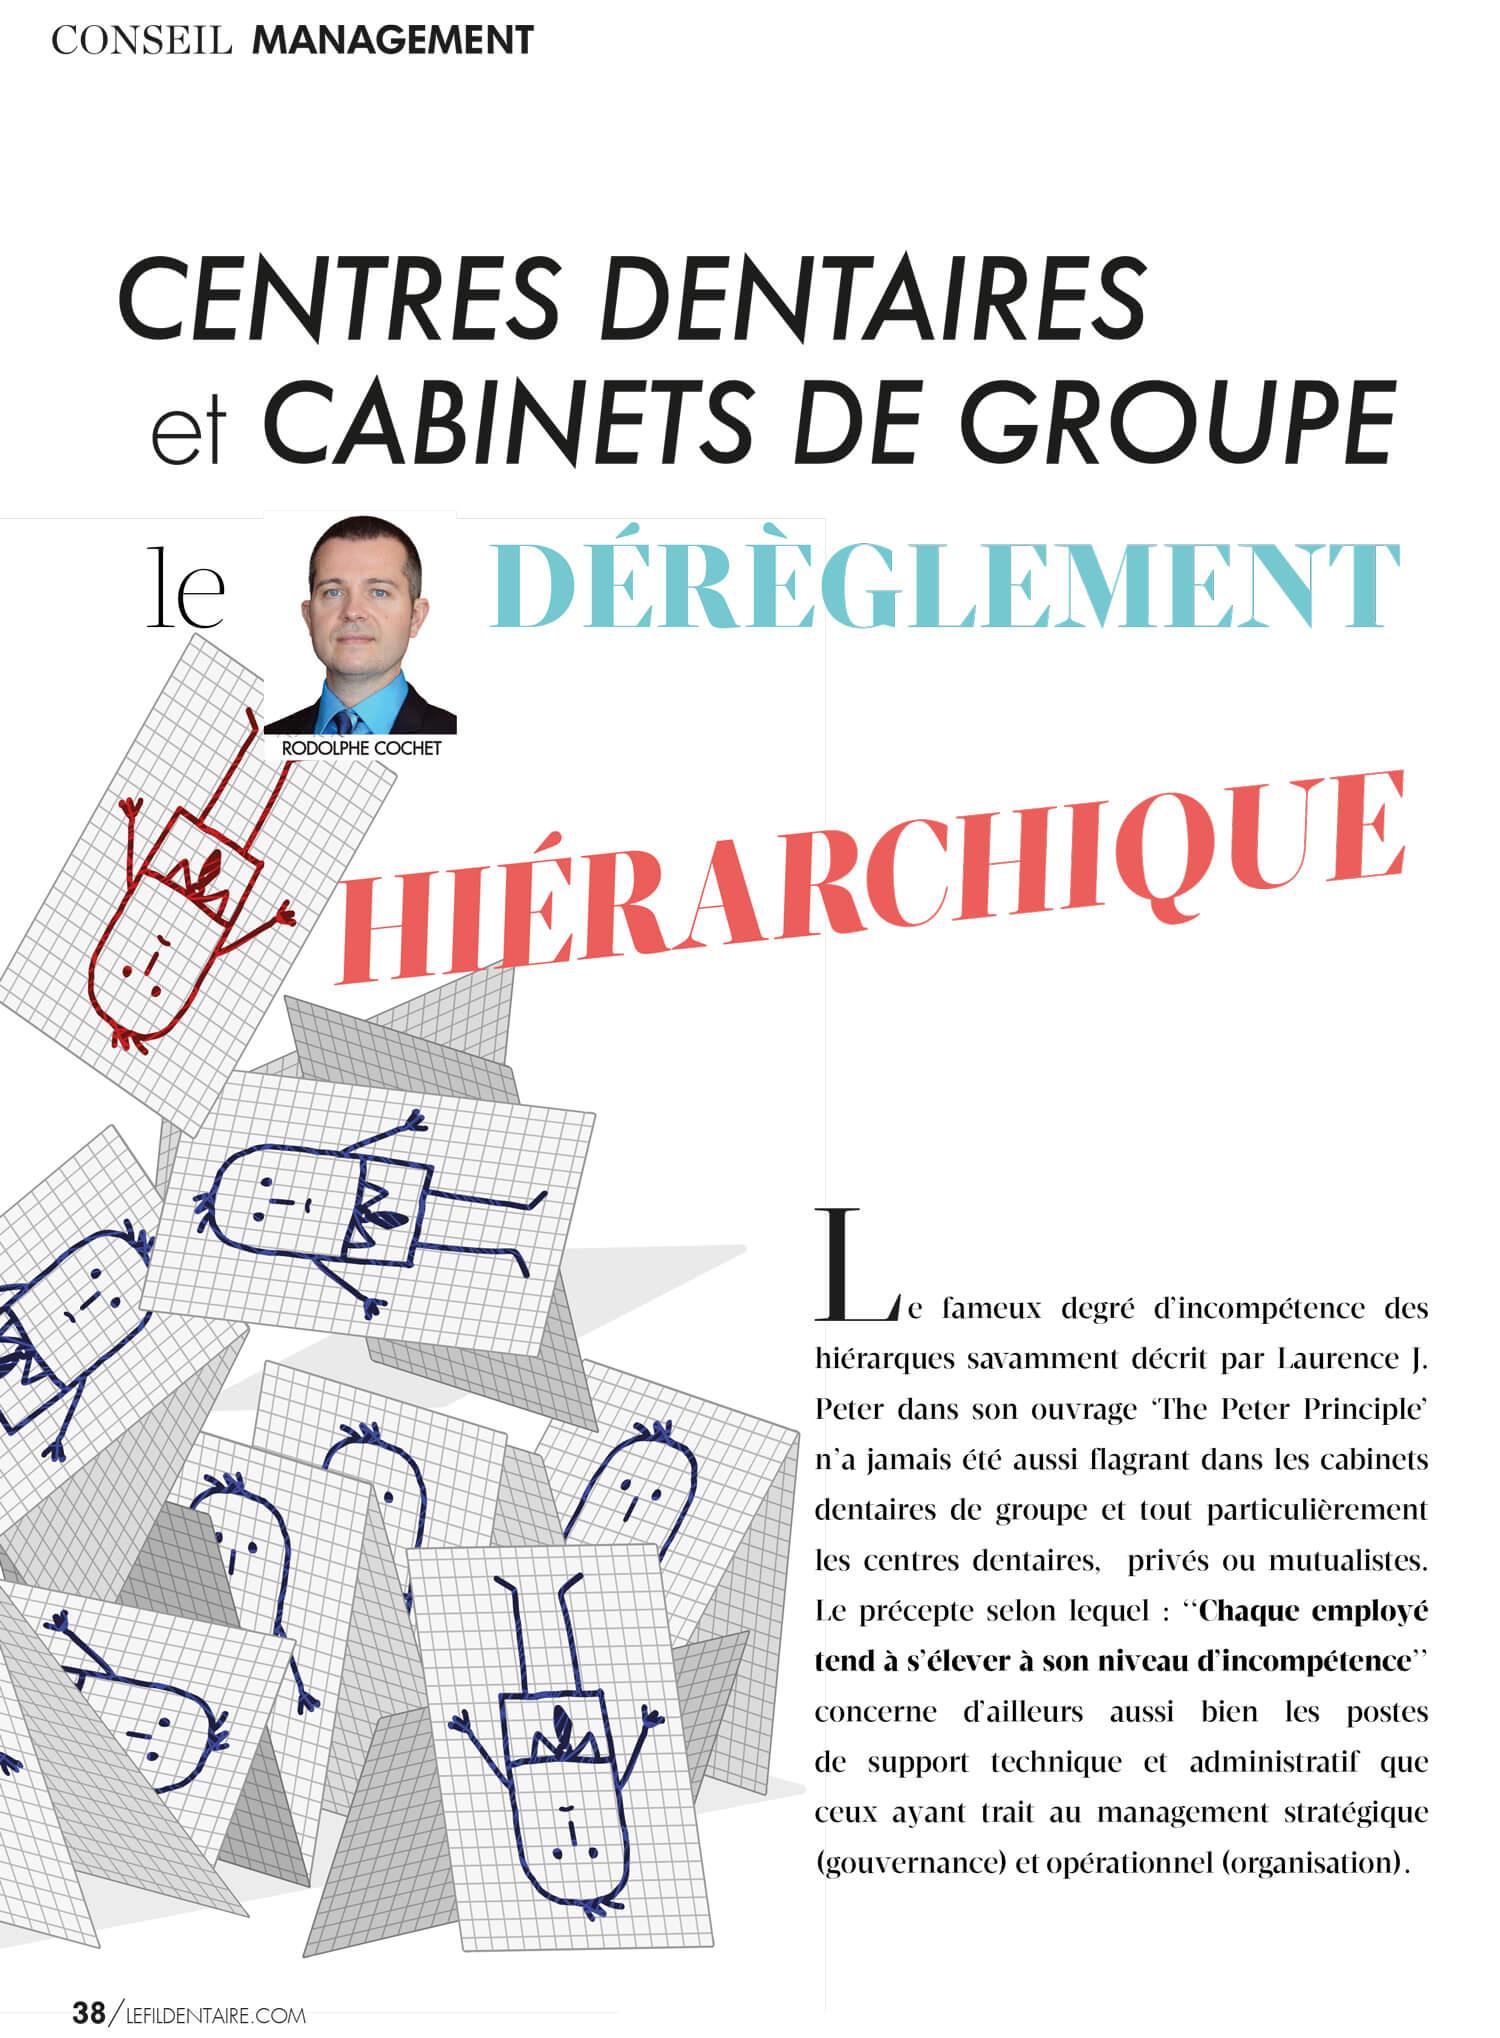 centres-dentaires-cabinets-de-groupe-dereglement-hierarchique-desordre-incompetence.jpg